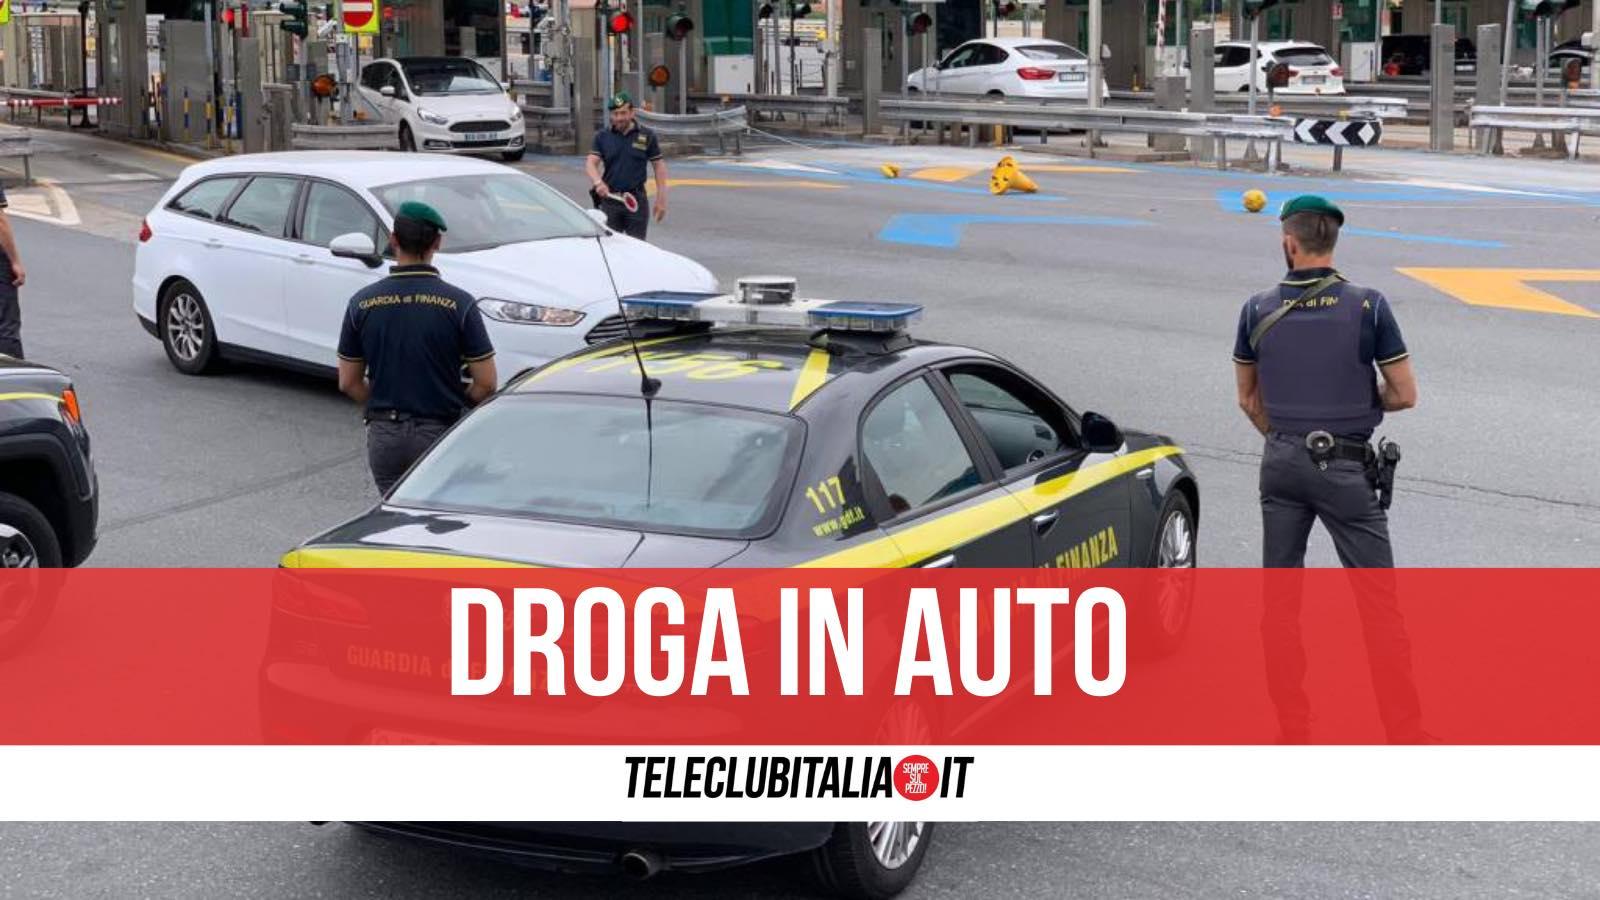 condannato cittadino turco tedesco droga in auto